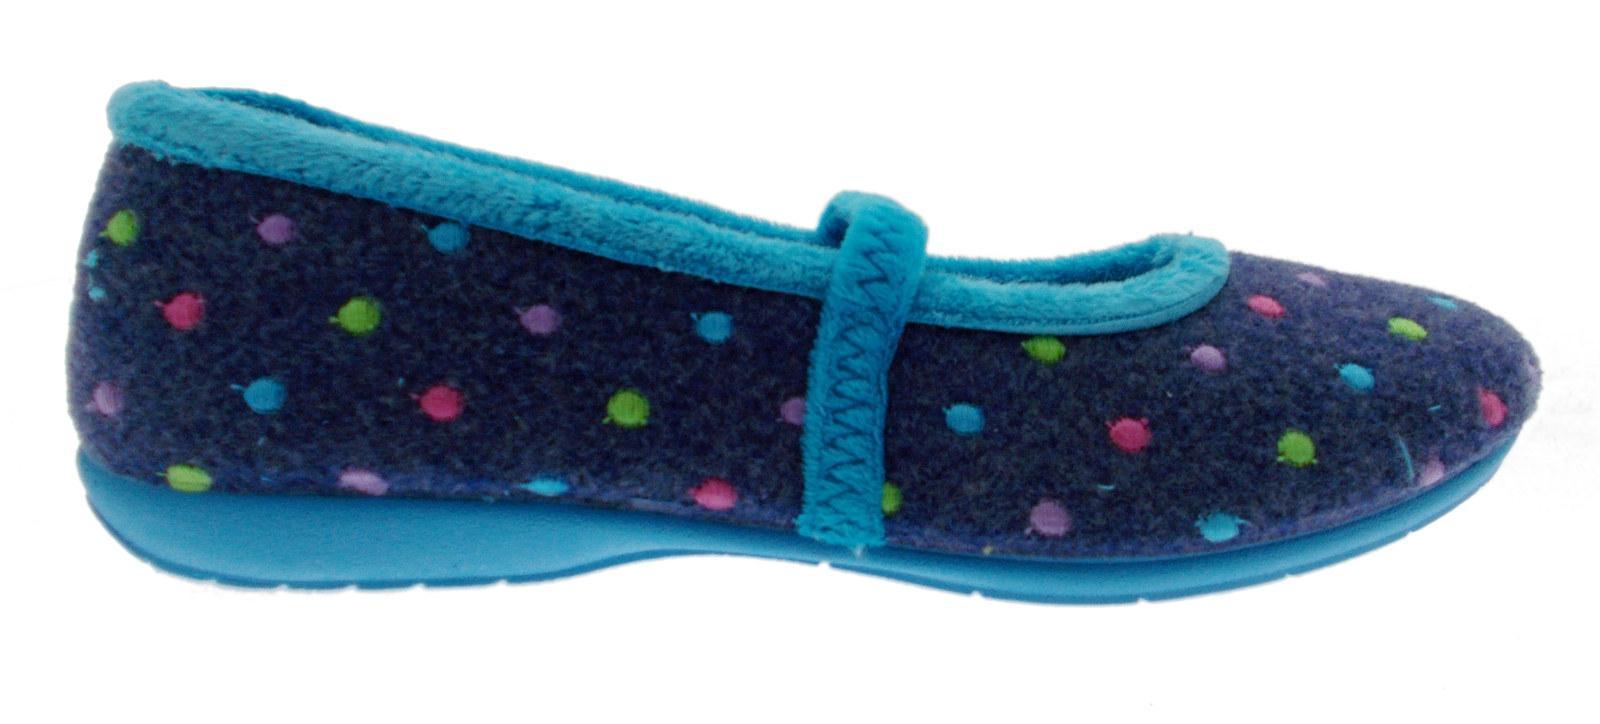 Pantofola  pois panno feltro blu azzurro pois  laccetto Eland c483c6